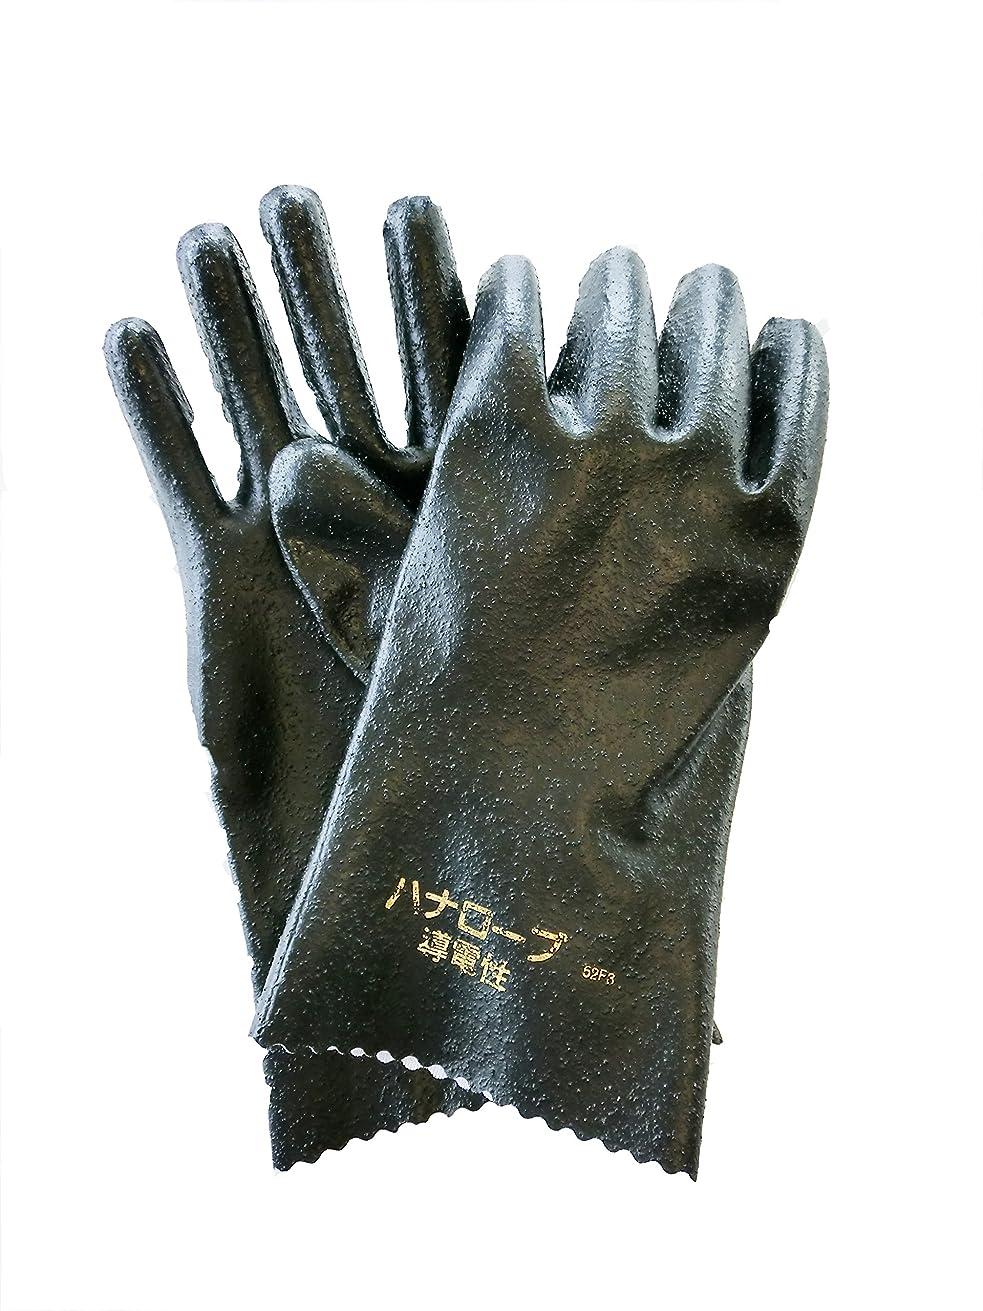 戦い徴収困難ハナキゴム 静電気用手袋ハナローブ No.846S 1双